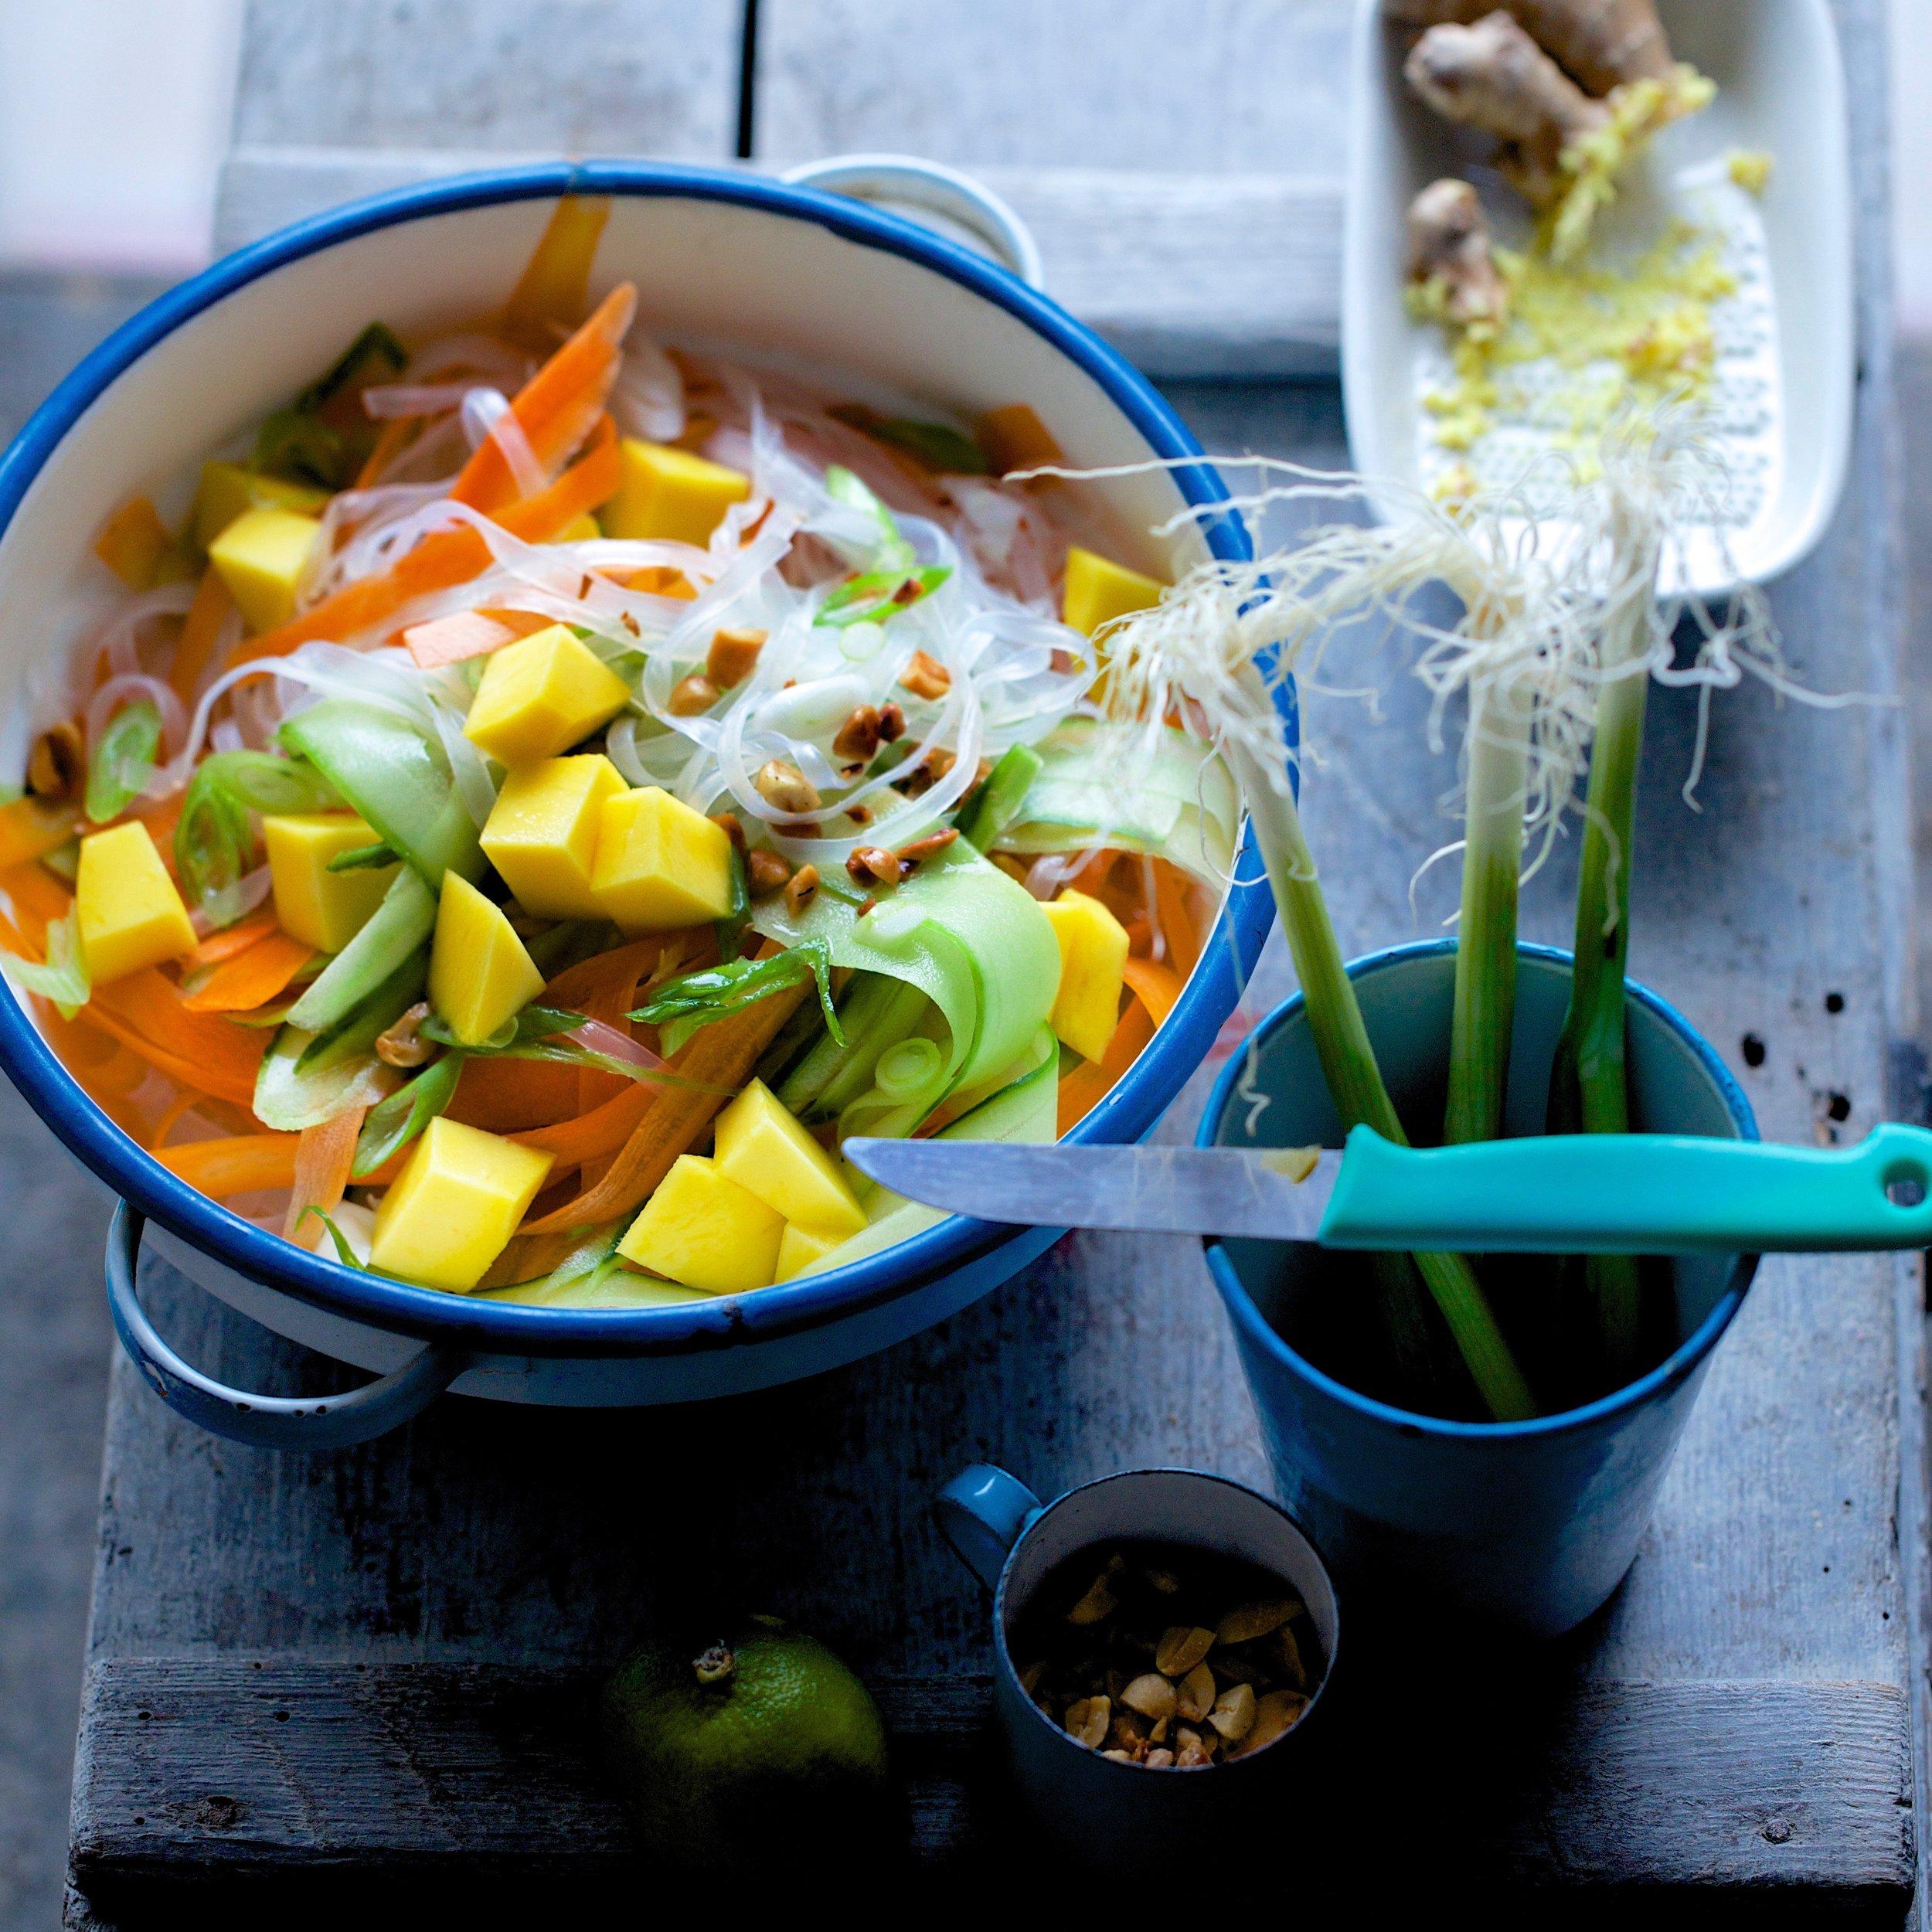 05Thai Glasnudel Salat-Fackeltraeger Verlag.jpg.jpg